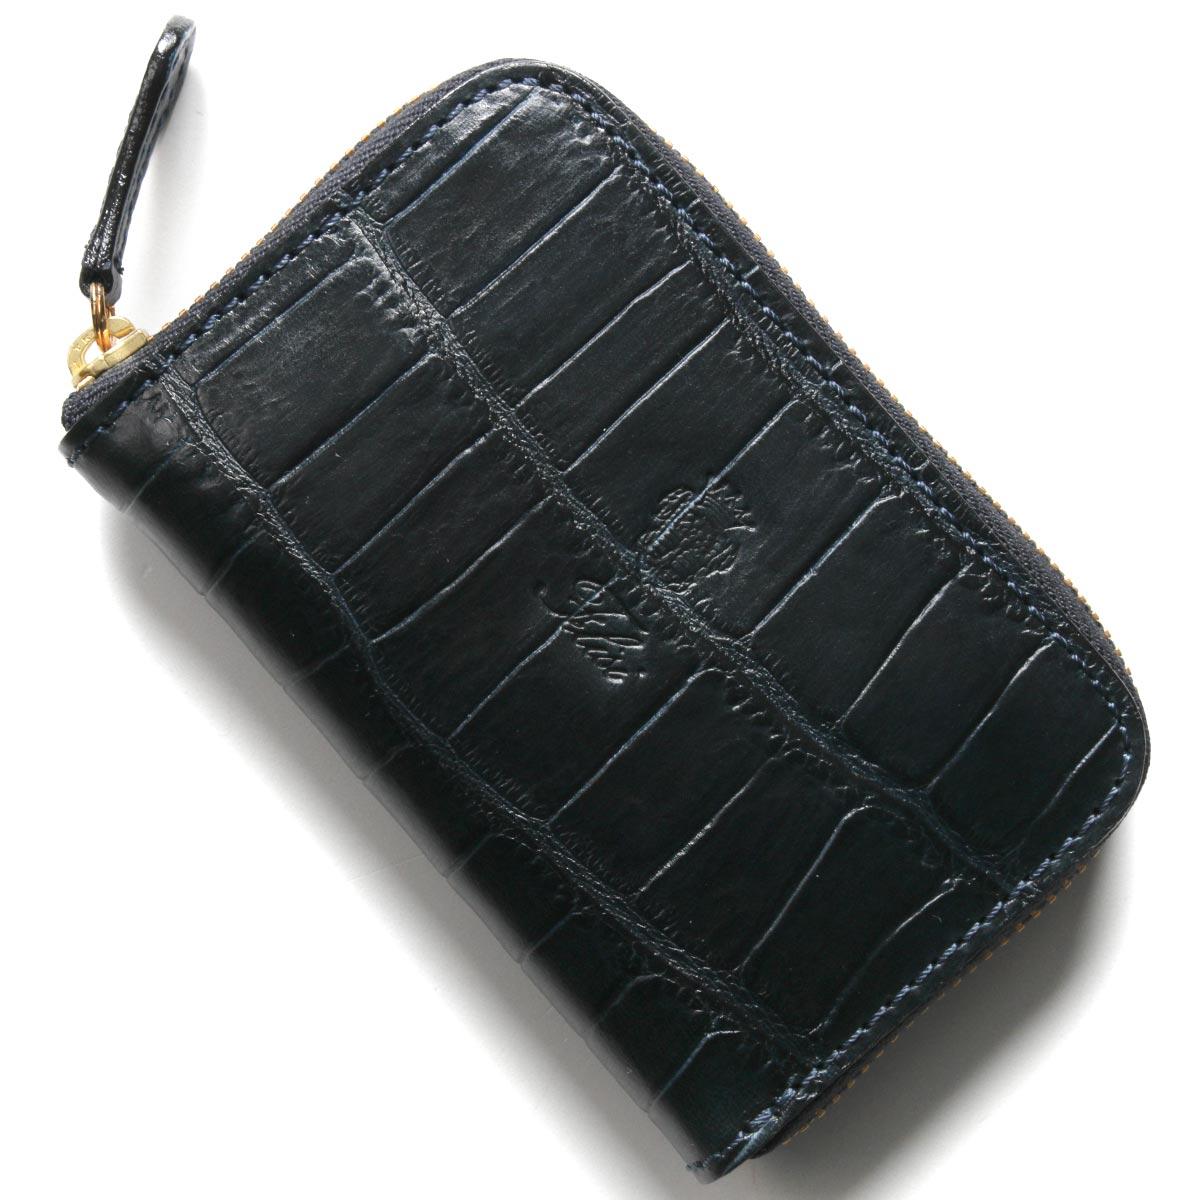 フェリージ コインケース【小銭入れ】 財布 メンズ クロコ型押し ネイビーブルー 905 SA 0005 FELISI